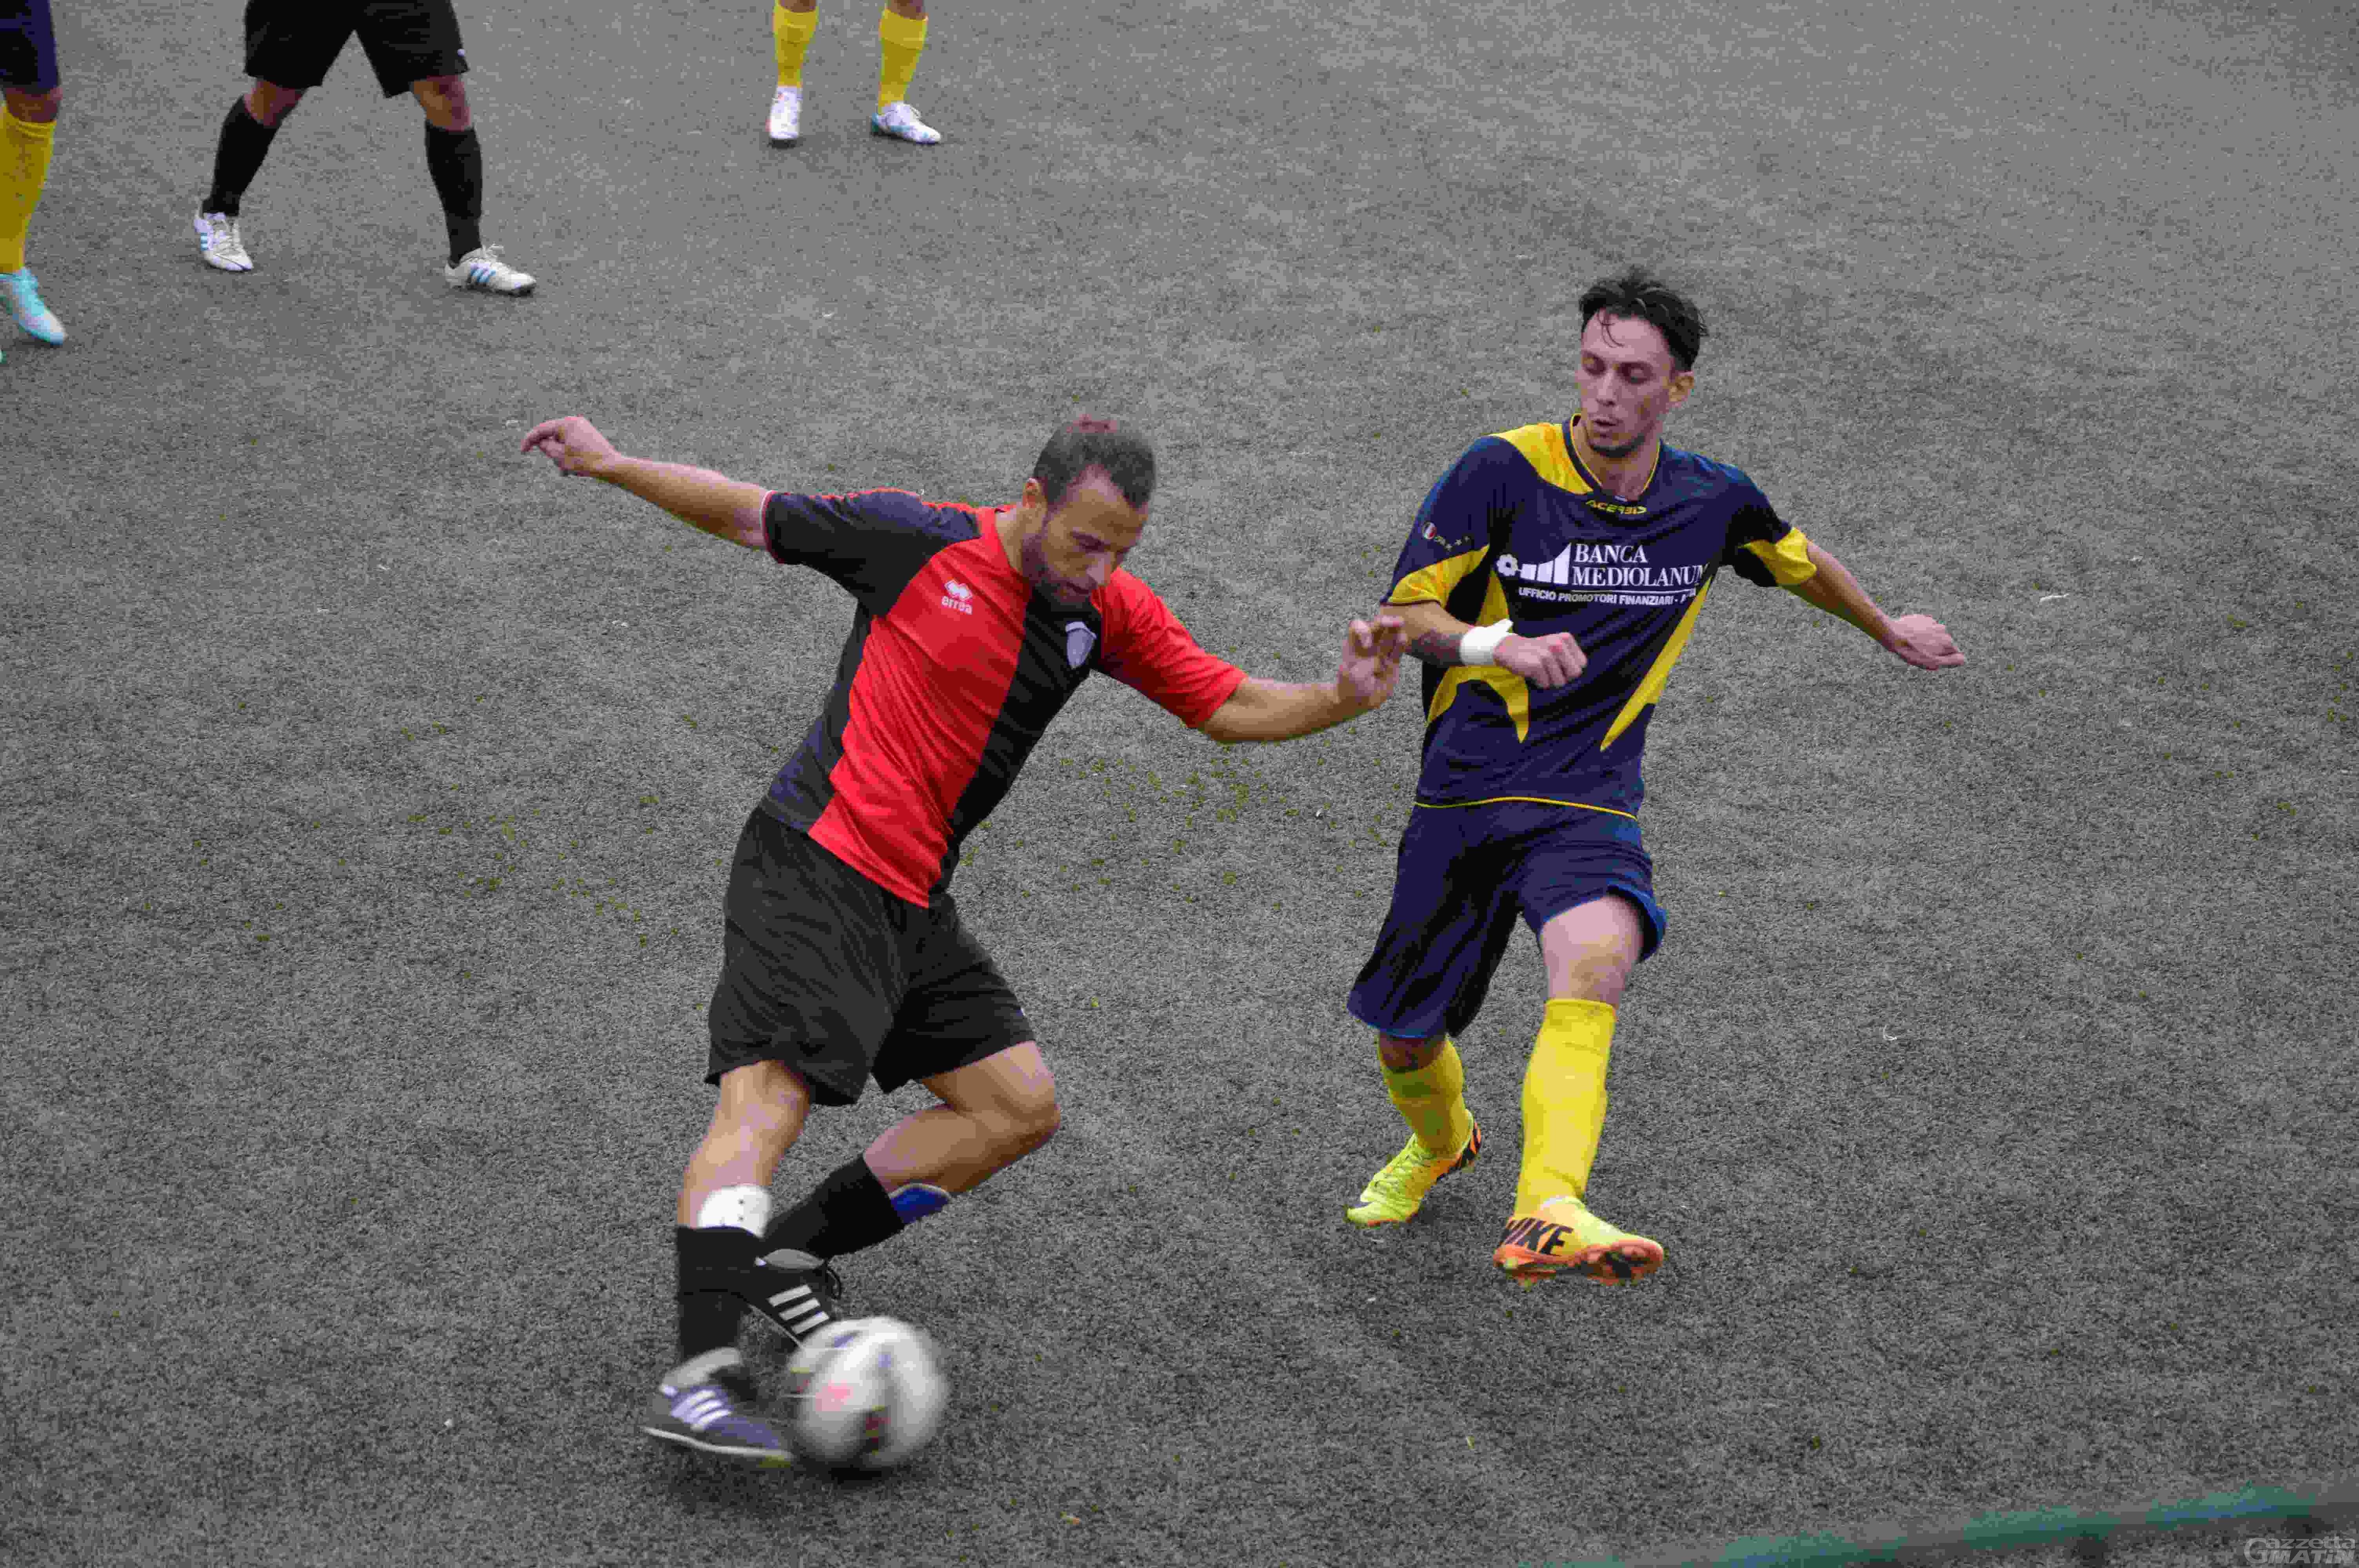 Calcio: Charva-Aygre è il derby della verità